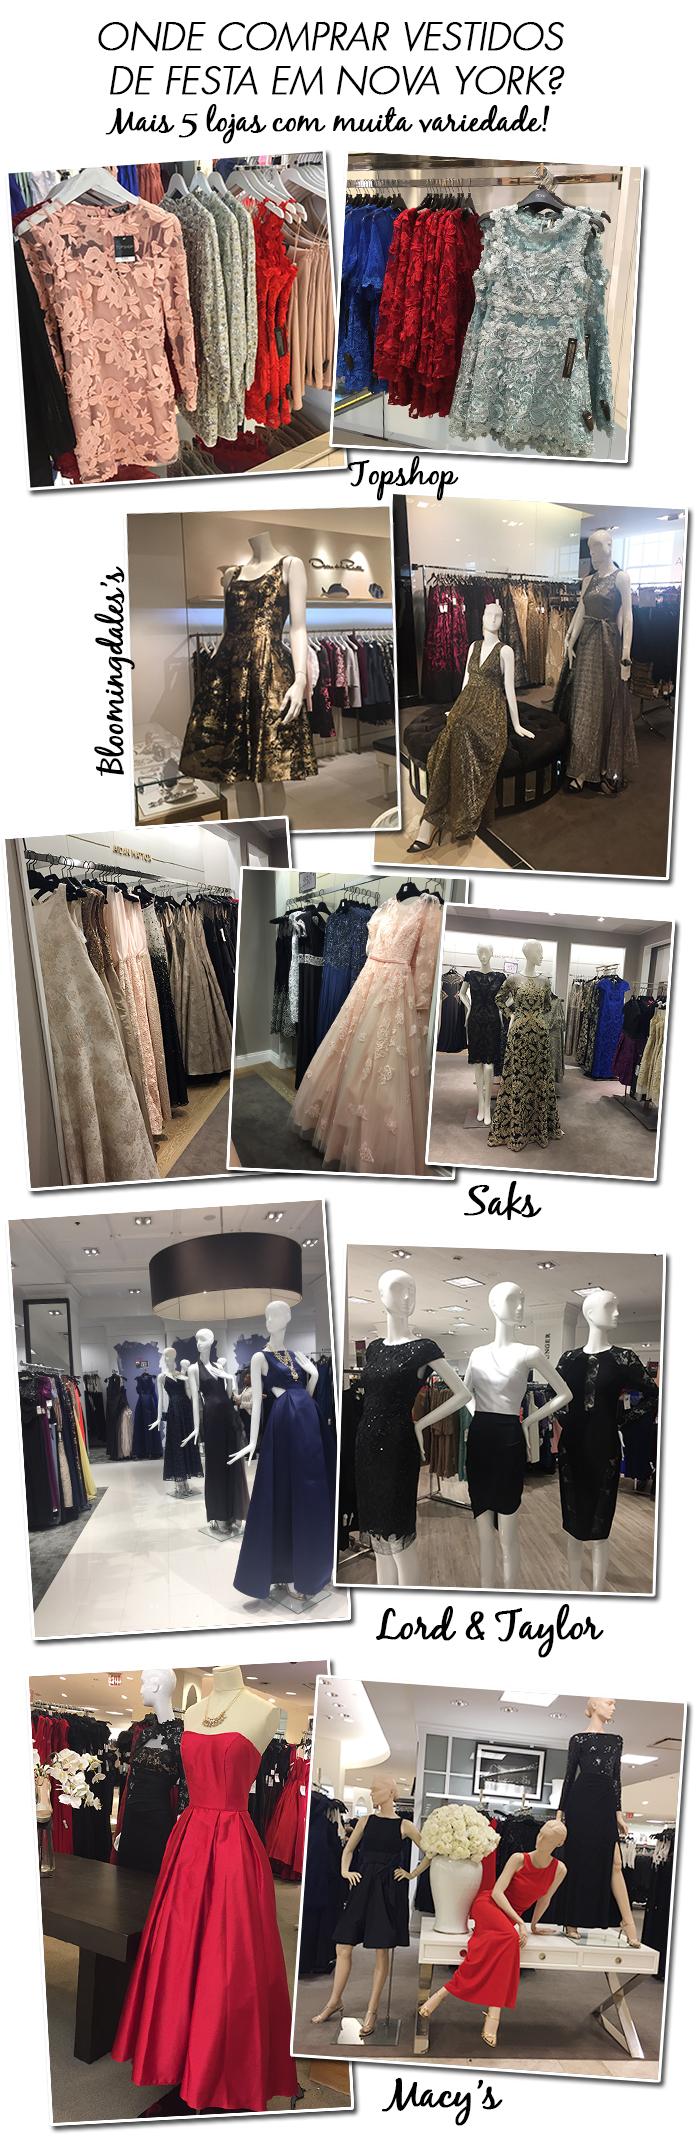 ae400d970 5 lojas para comprar vestidos de festa em Nova York - parte 2 – Blog ...